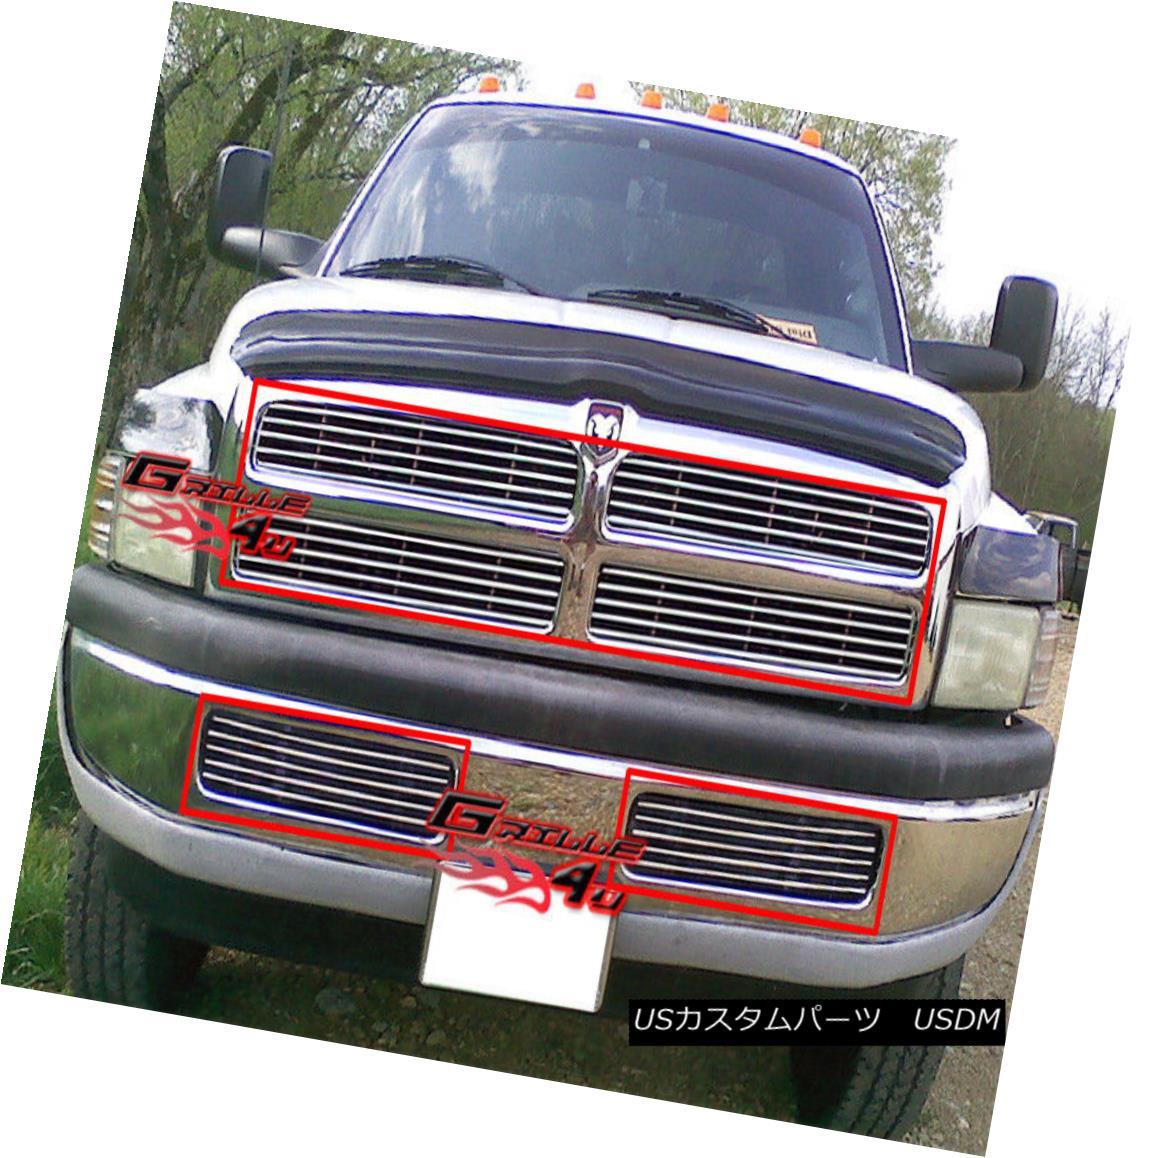 グリル Fits 1994-2001 Dodge Ram Pickup Billet Grille Combo フィット1994-2001ドッジラムピックアップビレットグリルコンボ